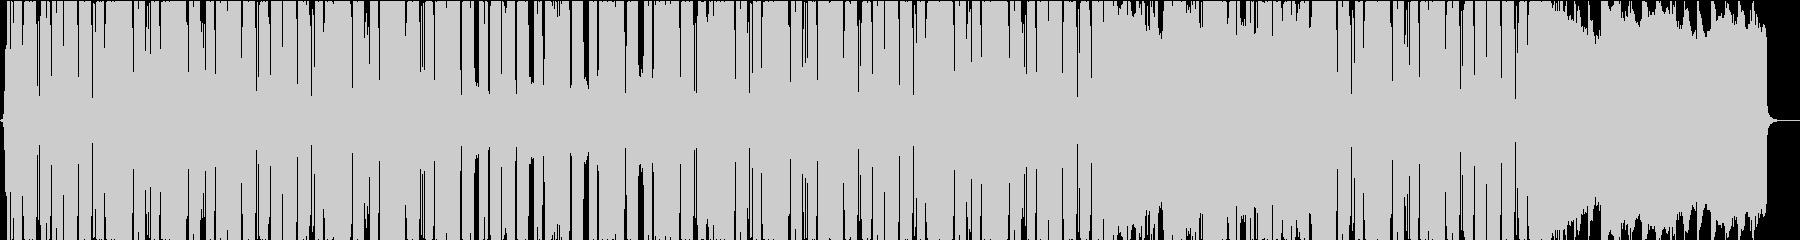 フューチャーベース、スタイリッシュの未再生の波形